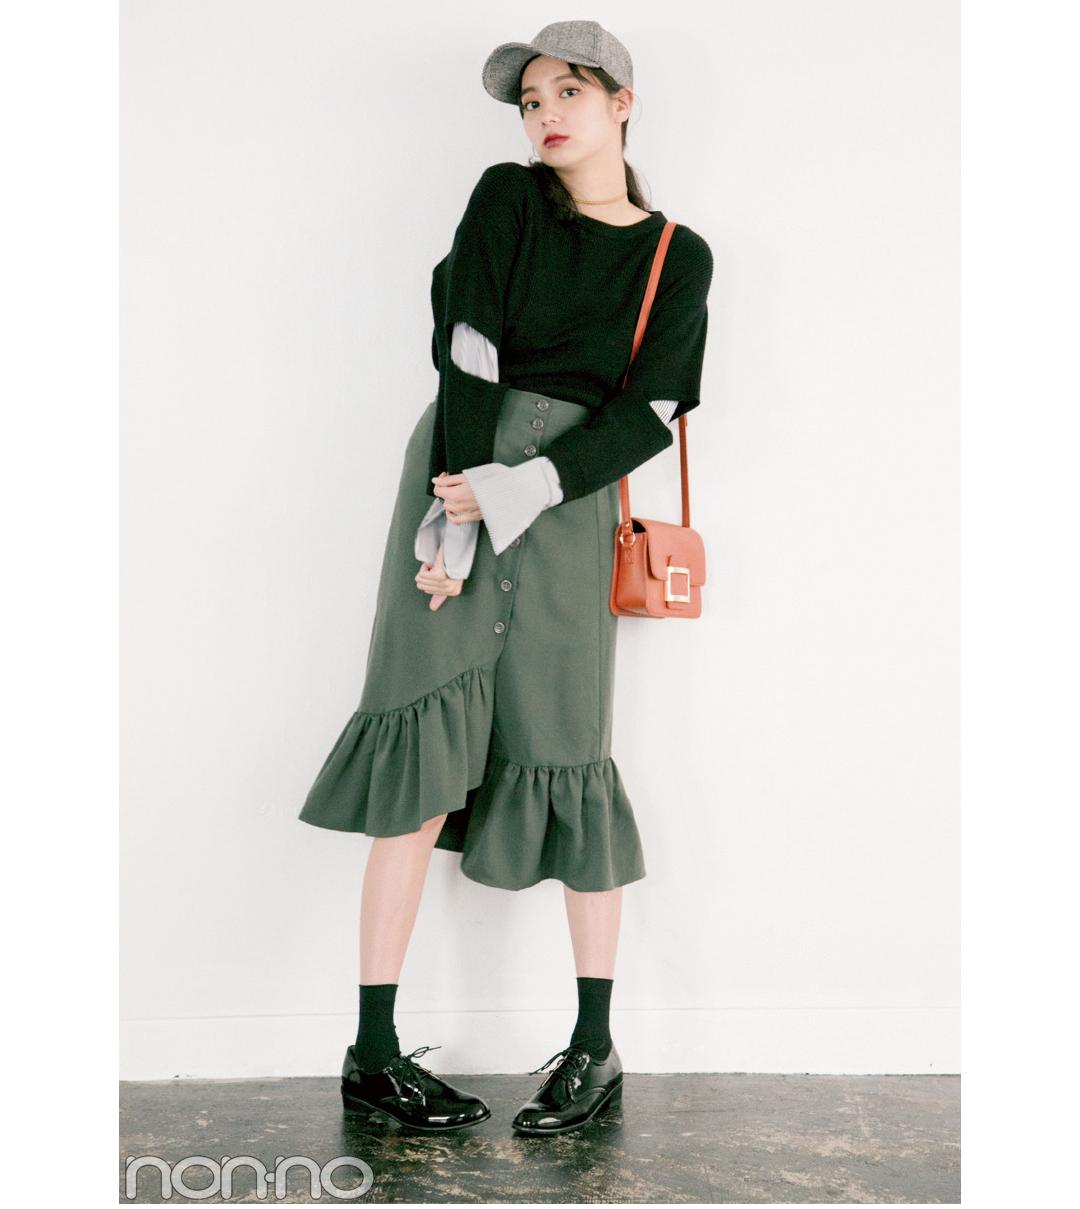 今ドキ韓国ファッション、色っぽ揺れ感のマーメイドスカートがブーム!_1_2-1